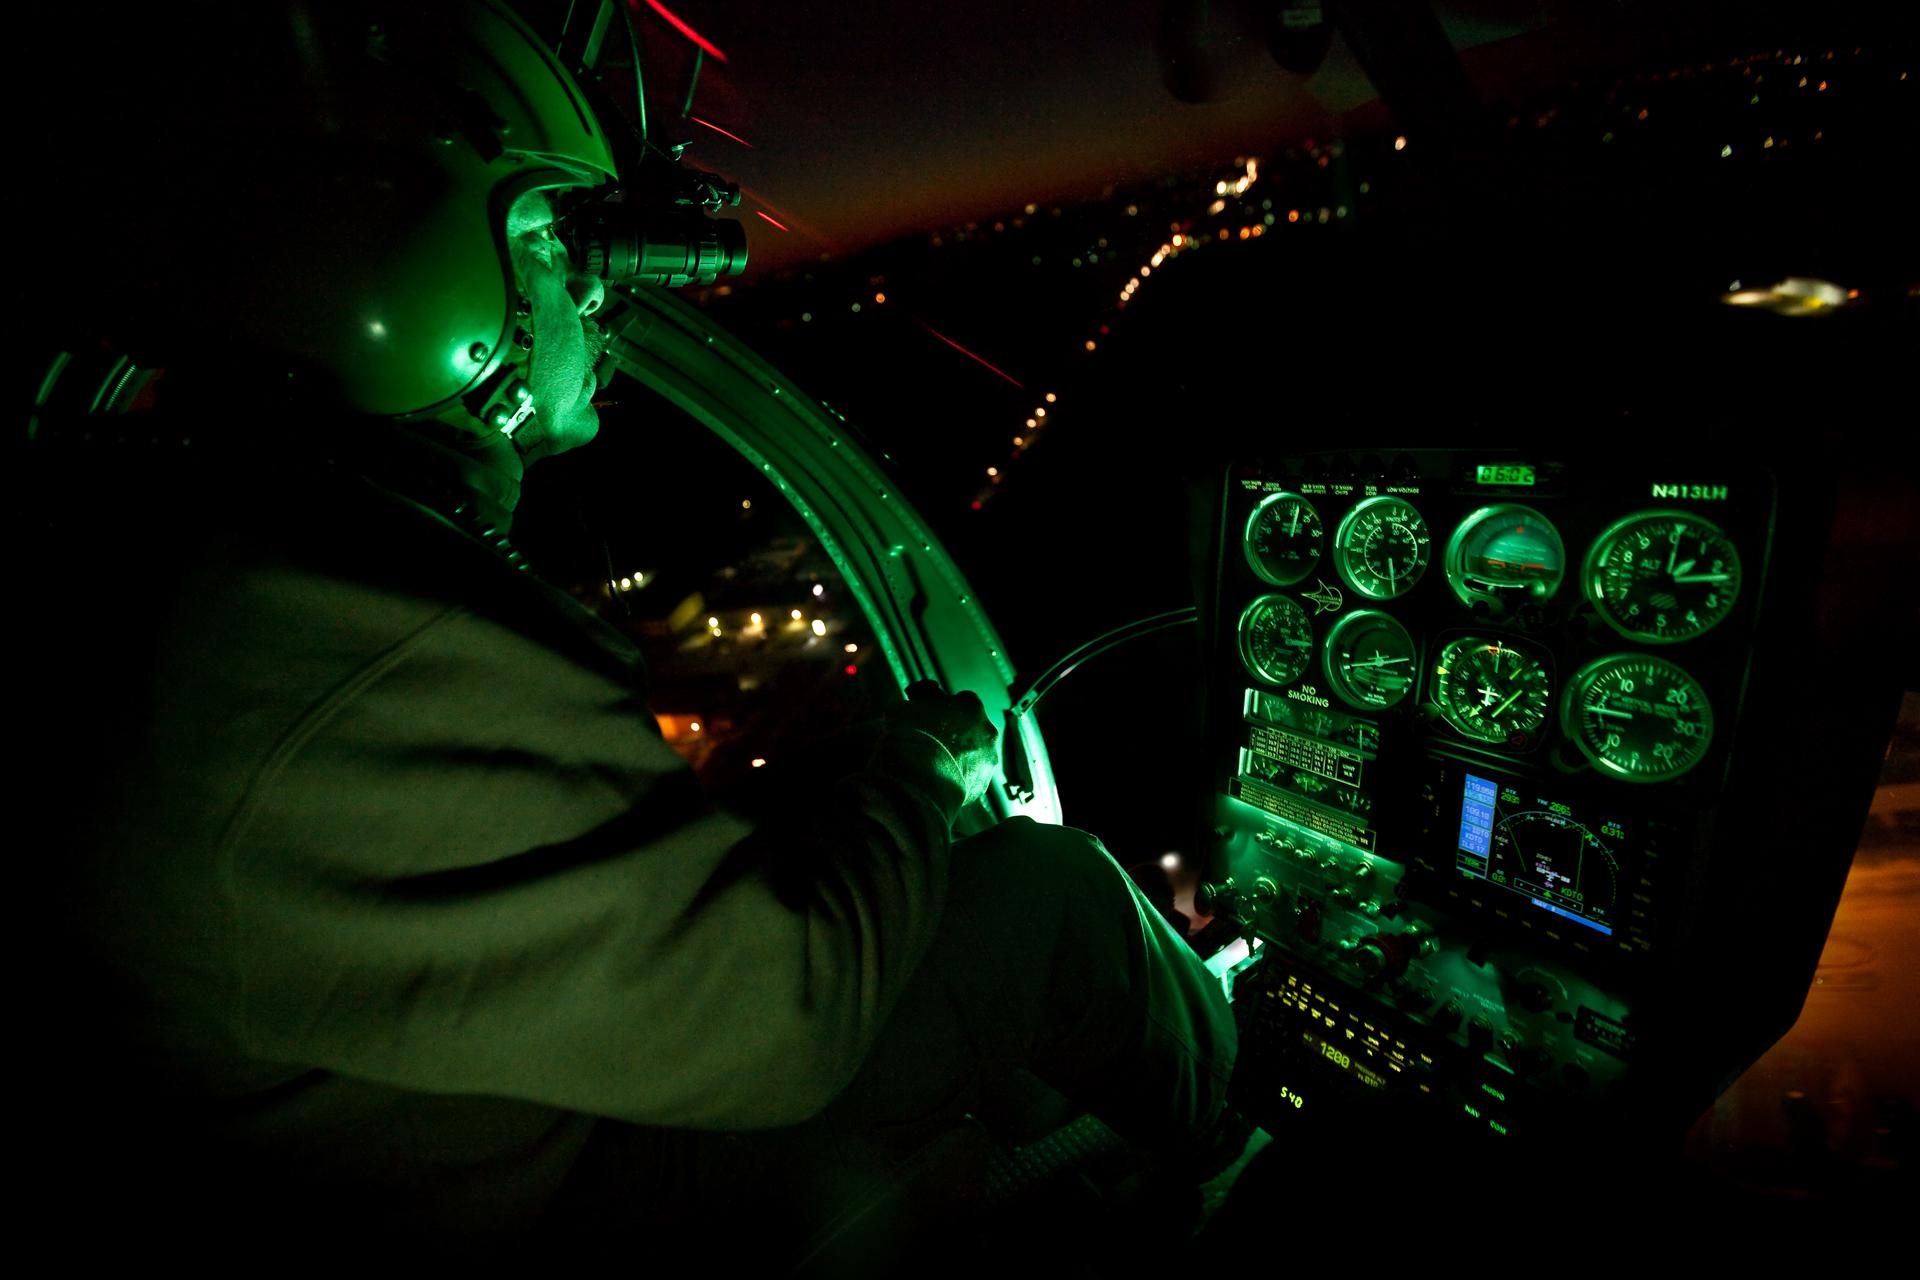 av03 dallas aviation photography video